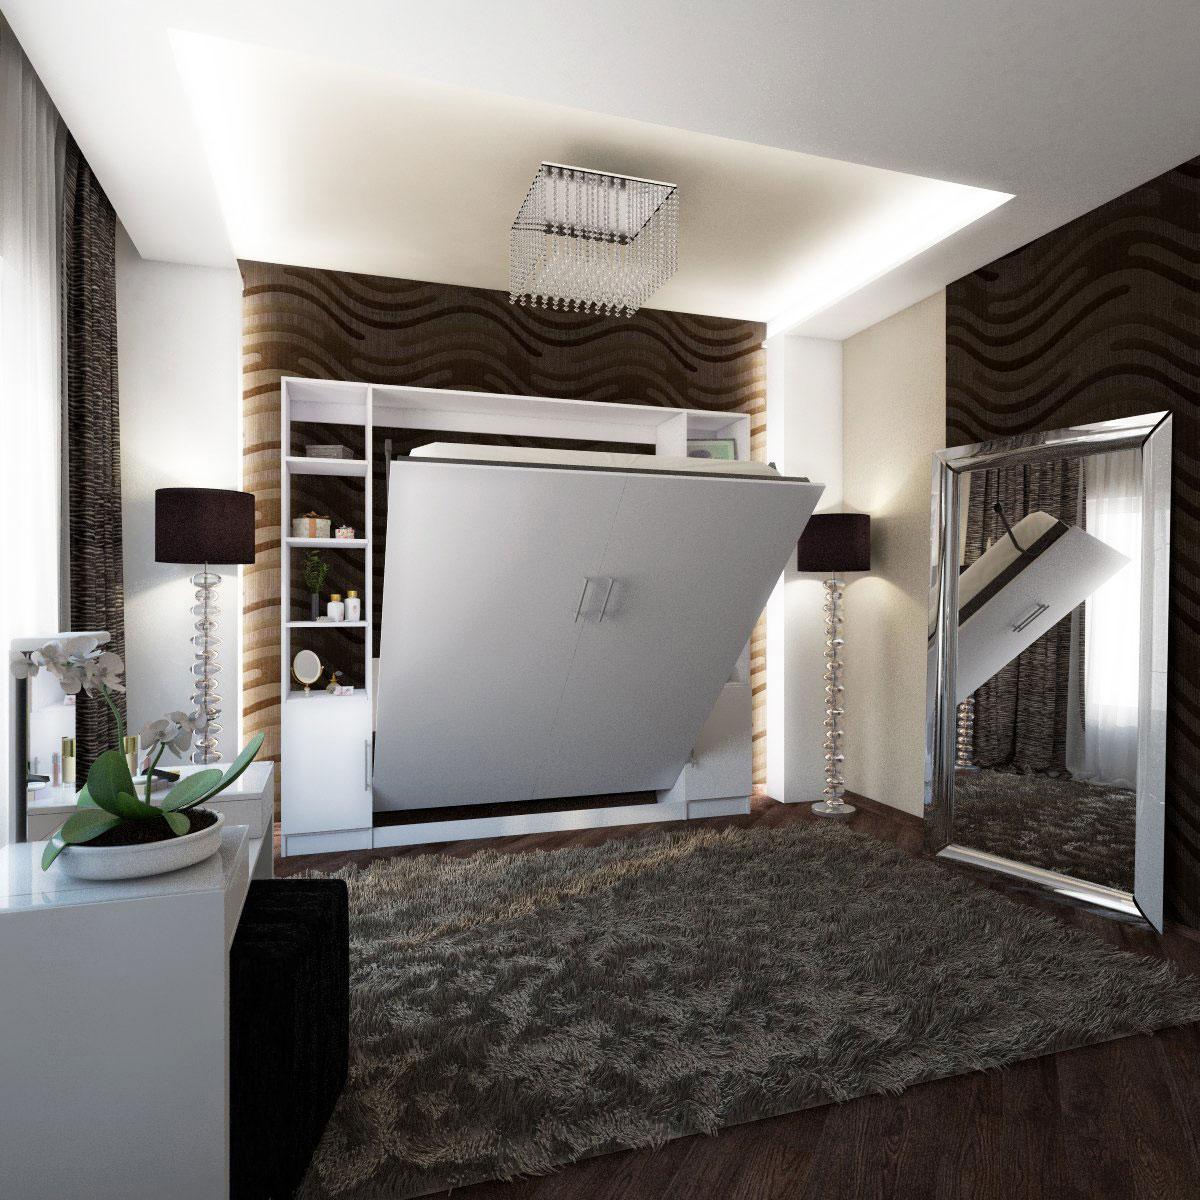 Mueble camas rebatible de dos plazas con estanterías y puertas